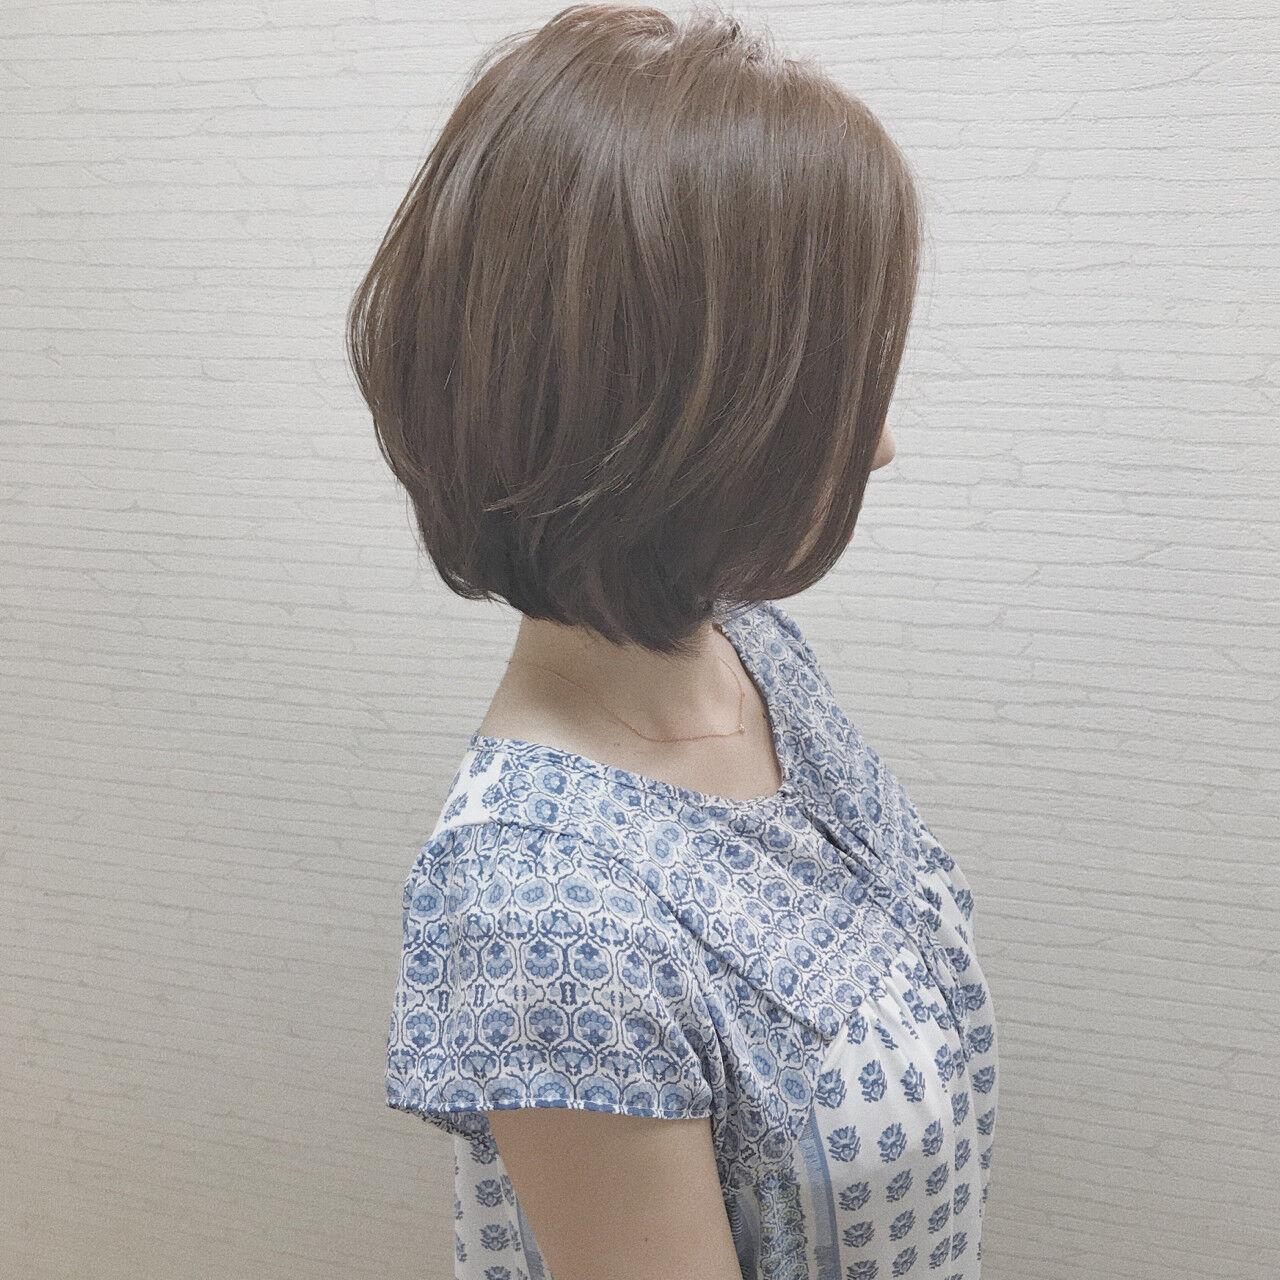 小顔 色気 ショートボブ ボブヘアスタイルや髪型の写真・画像